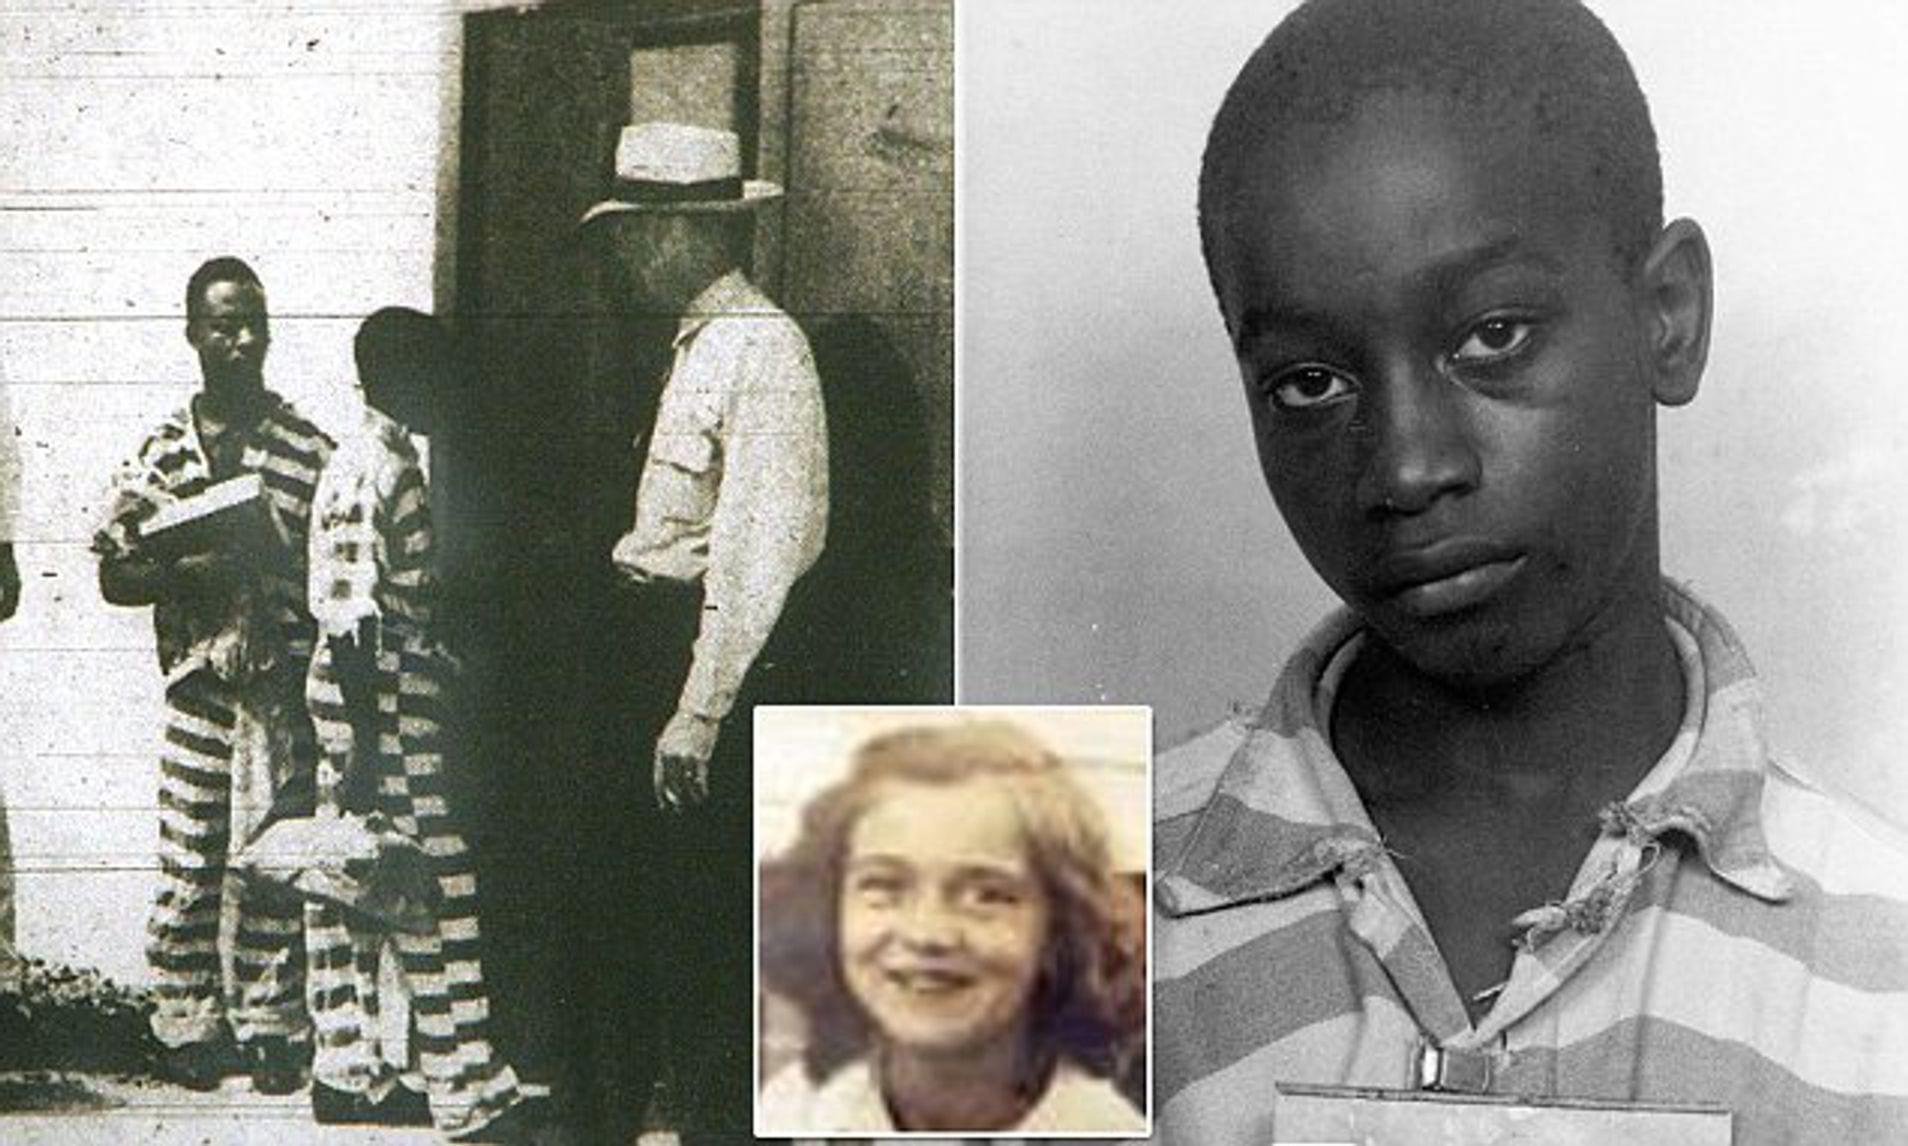 George Stinney Jr d'origine africaine : la plus jeune personne à avoir été condamnée à mort aux États-Unis au XXe siècle.